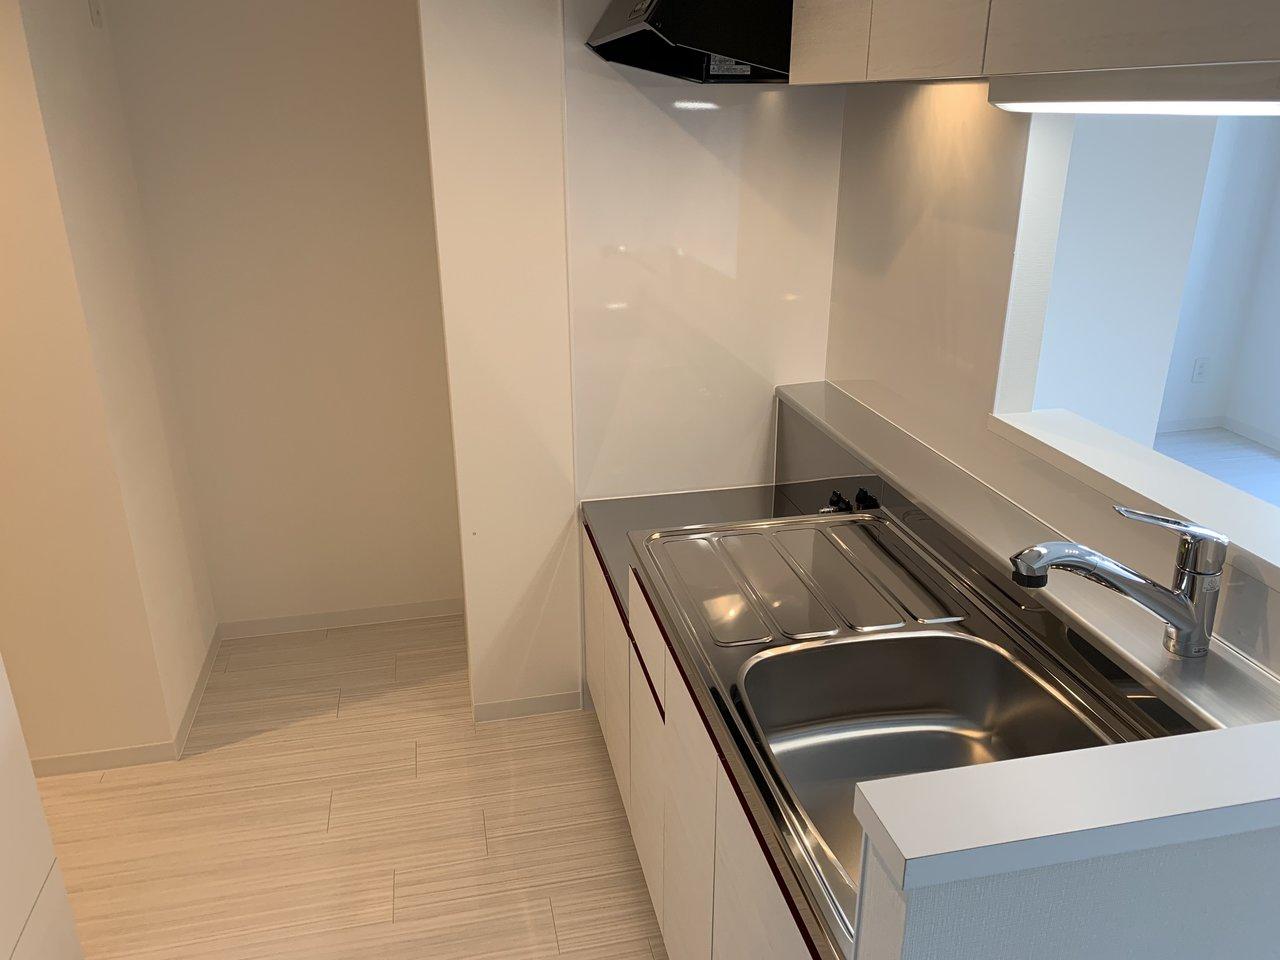 キッチンもかなりゆとりがあります。作業スペースがあって、シンクも広々。カウンターキッチンタイプなのでリビングを眺めながら料理ができます。ガスコンロは自分の好きなデザインのものを持ち込みましょう。